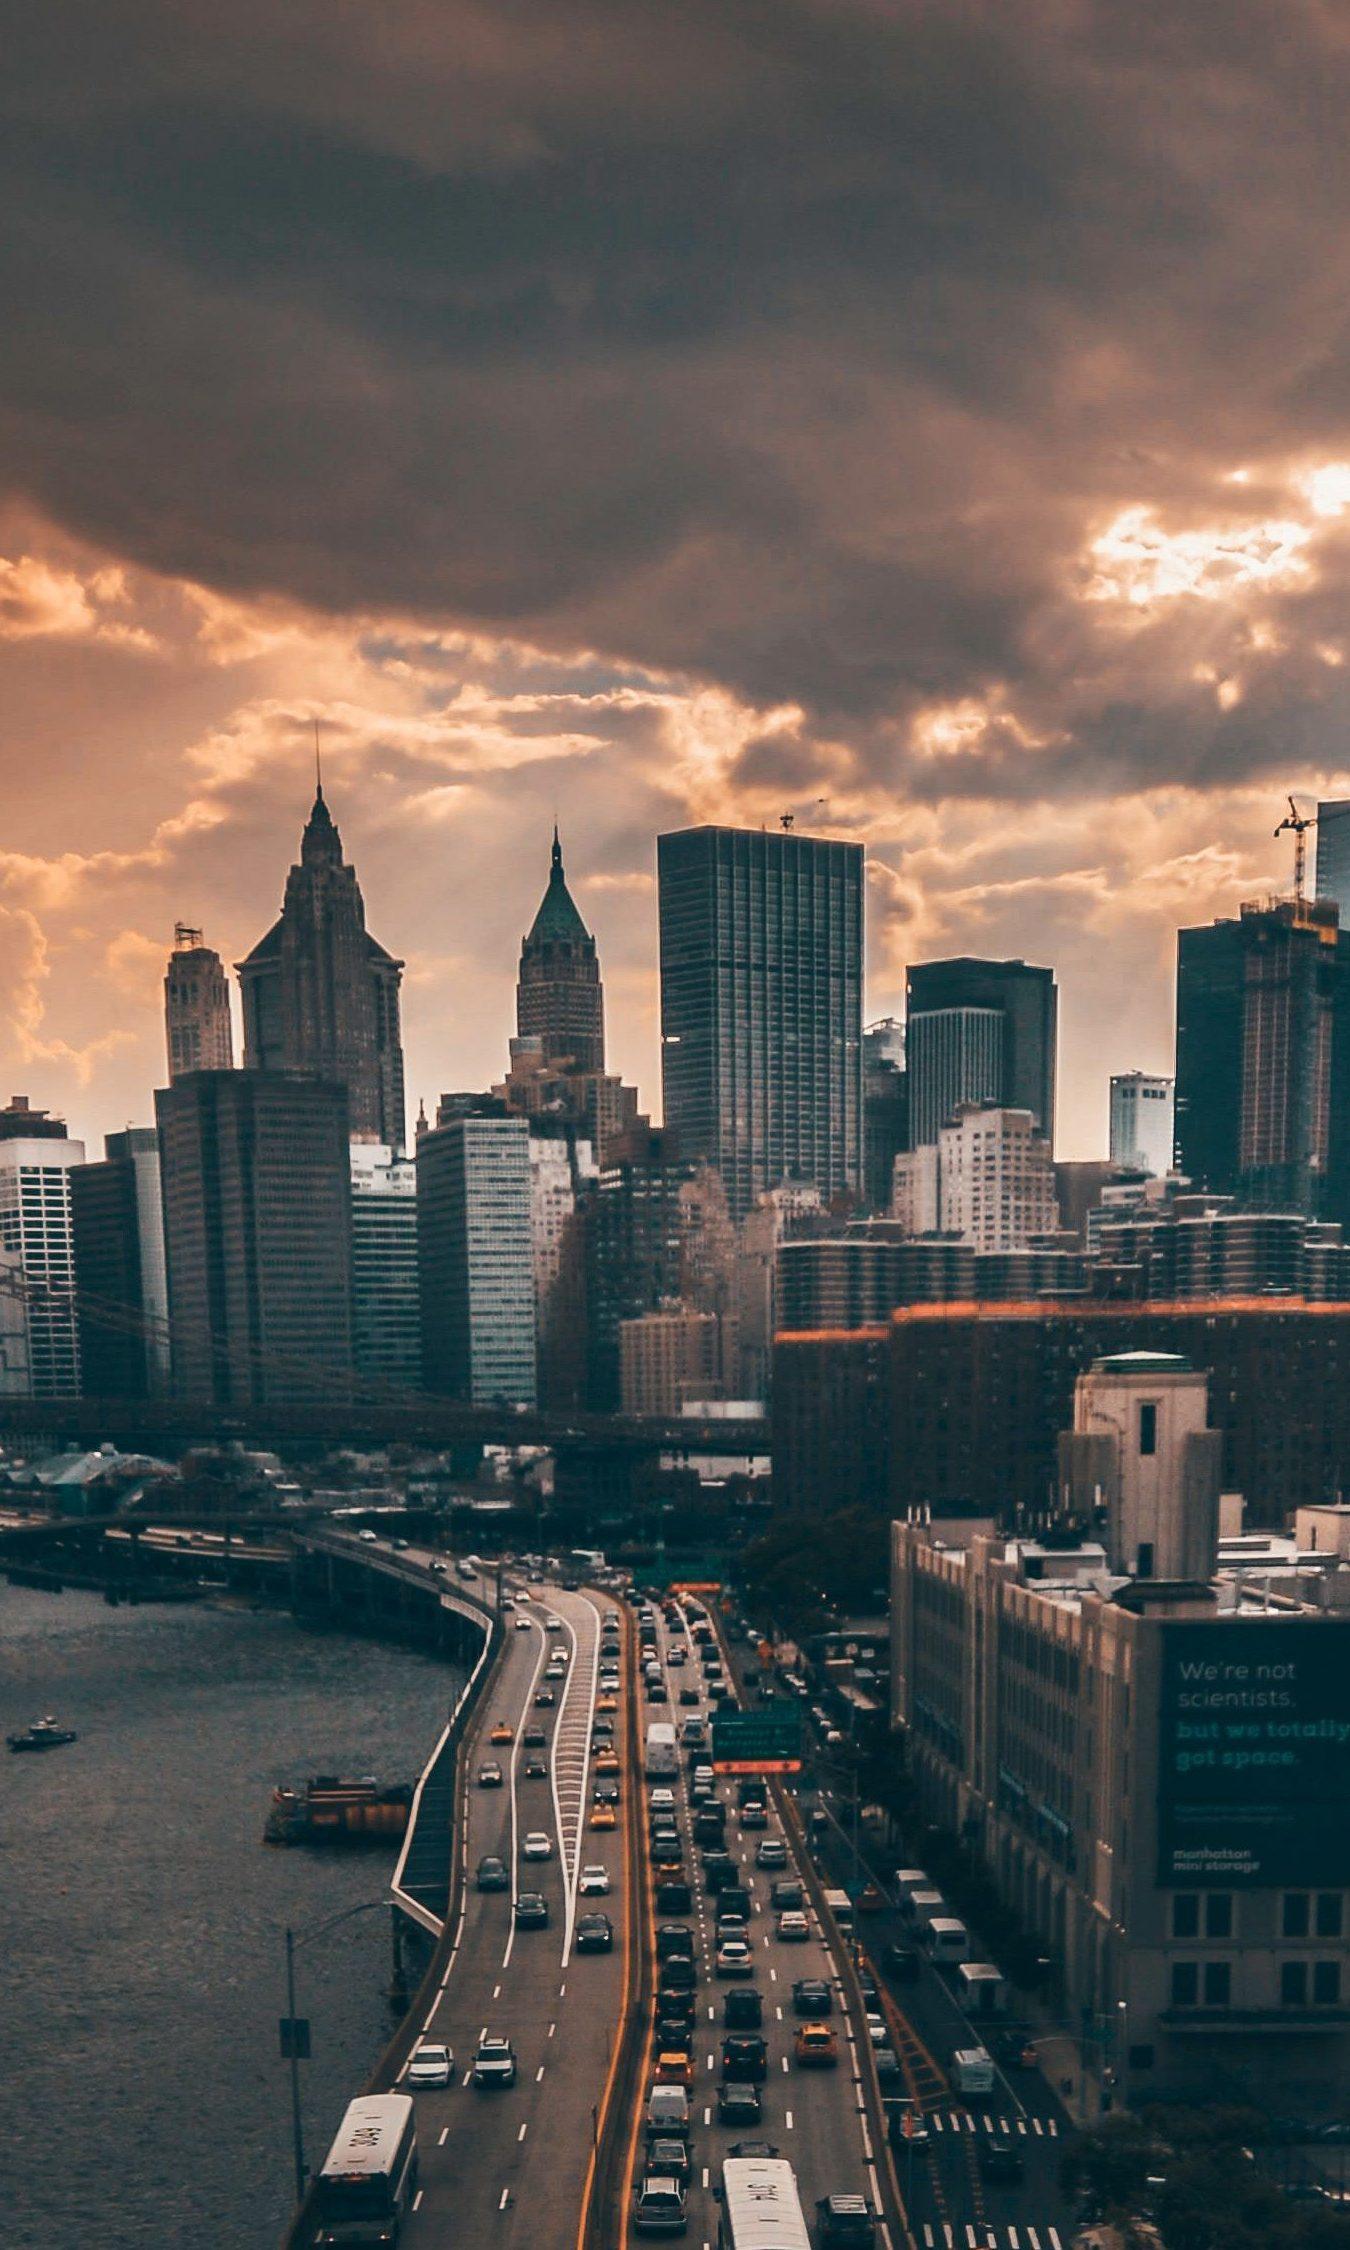 Manhattan New York City 4K Wallpaper - Best Wallpapers